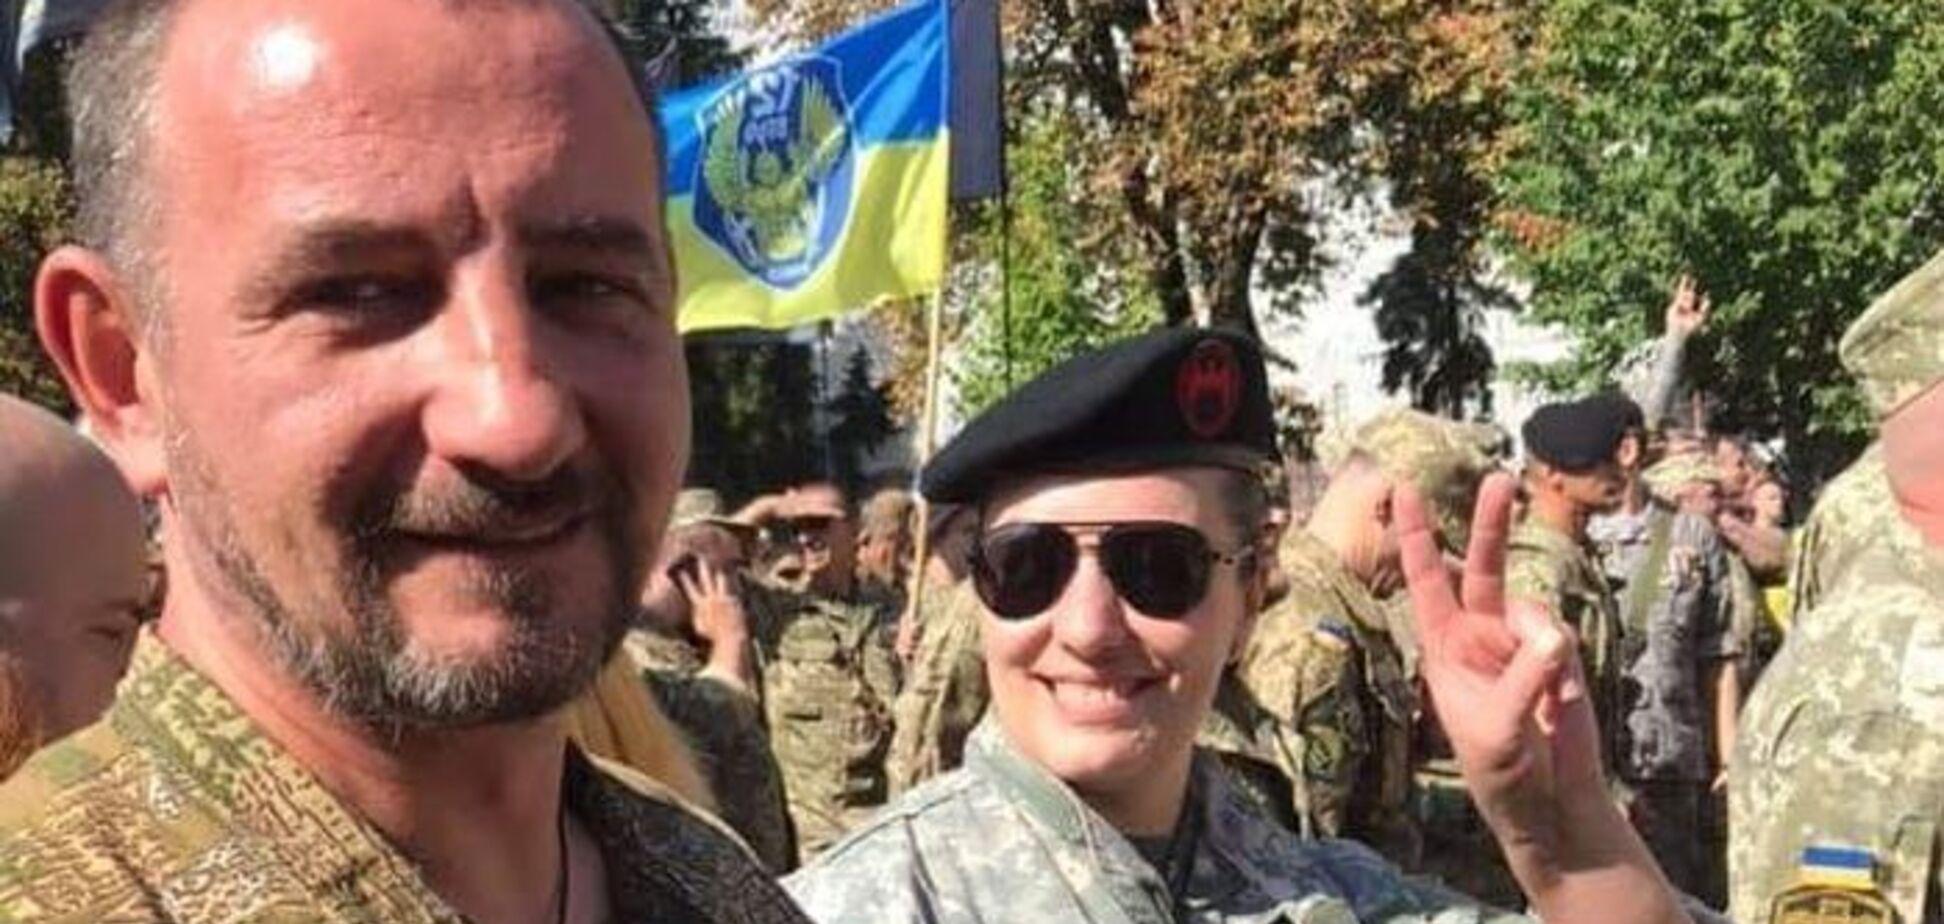 'Причетні до вбивства Шеремета': ЗМІ зробили гучну заяву про ветеранку АТО 'Пуму'